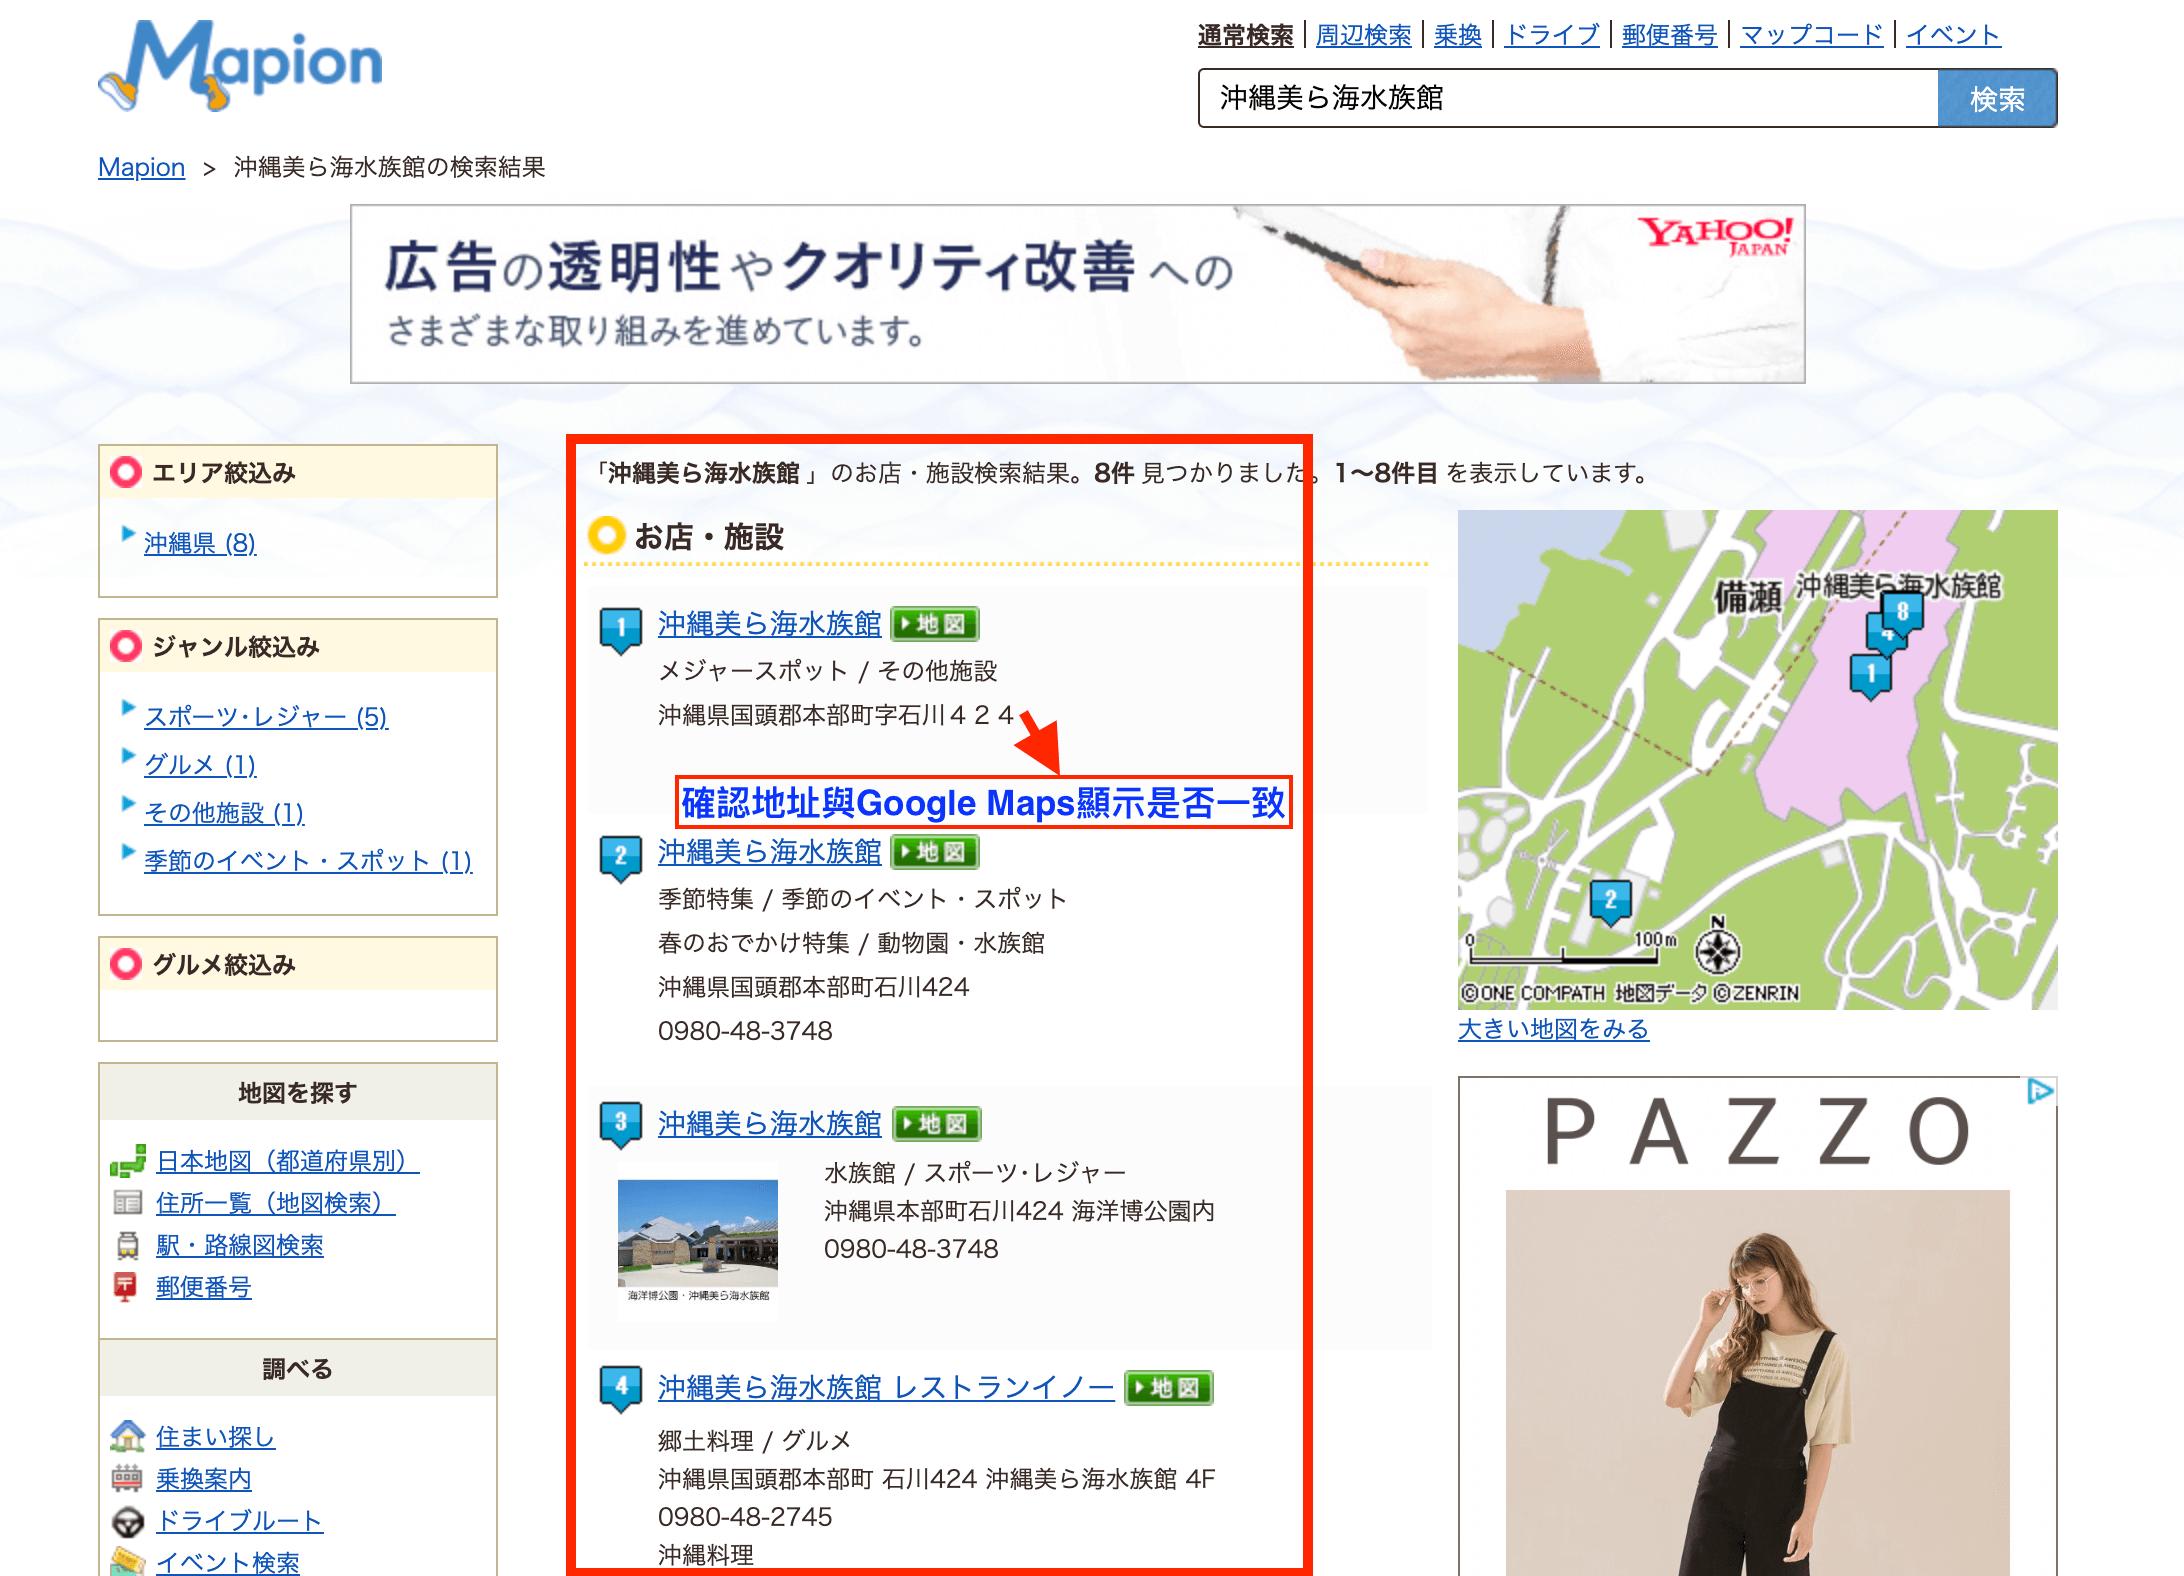 沖繩MAPCODE查詢教學-Mapion-2